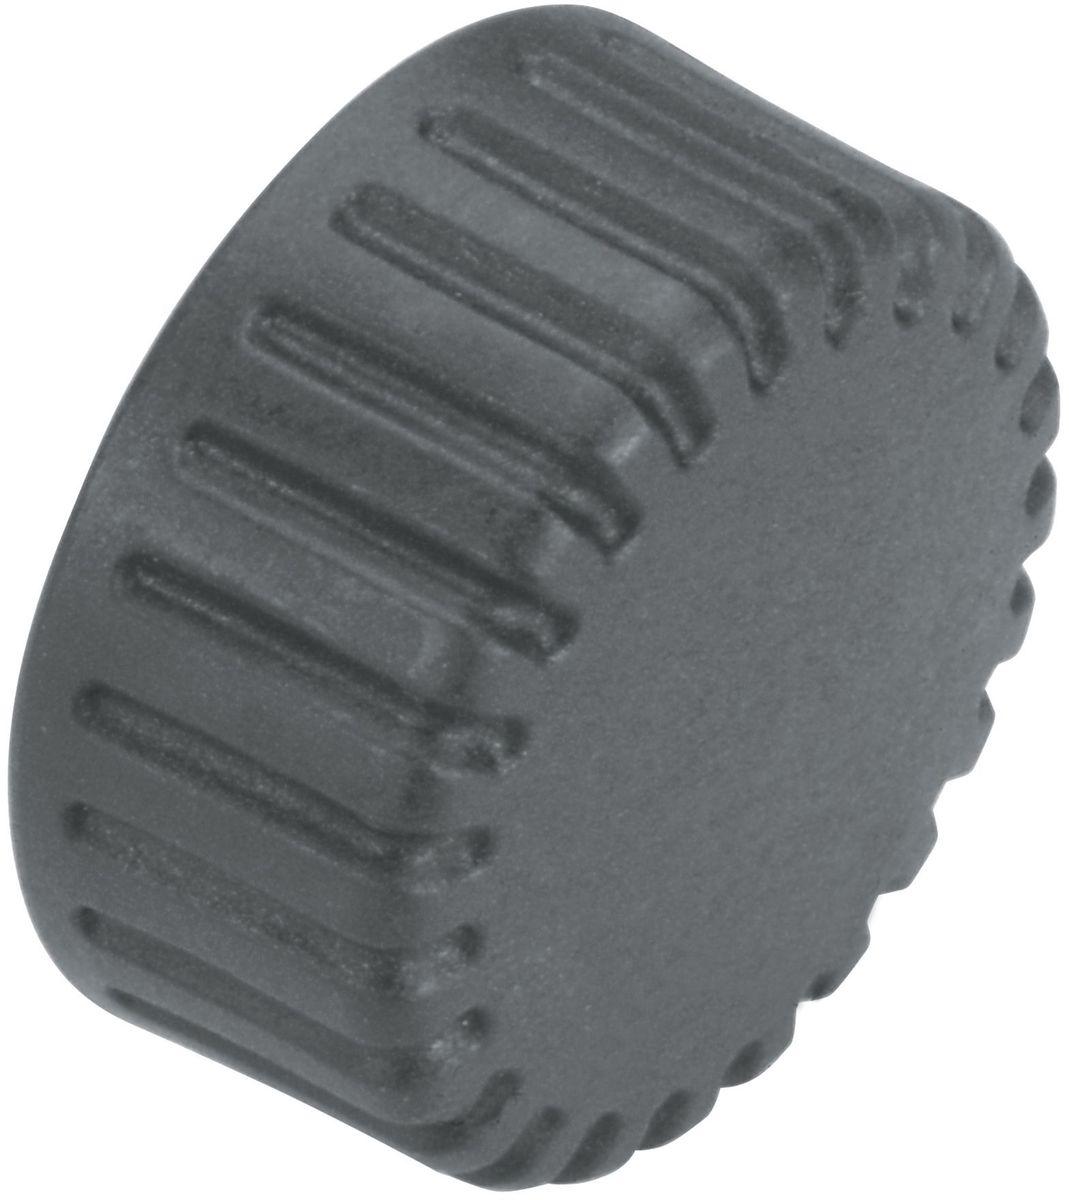 Заглушка Gardena PRO, концевая, капельная, внутренняя резьба 102756-20.000.00Заглушка Gardena PRO выполнена из высококачественного пластика. Она используется для блокировки выходных отверстий, которые не предполагается использовать. Можно комбинировать с соединителем для клапана полива (арт. 2753).